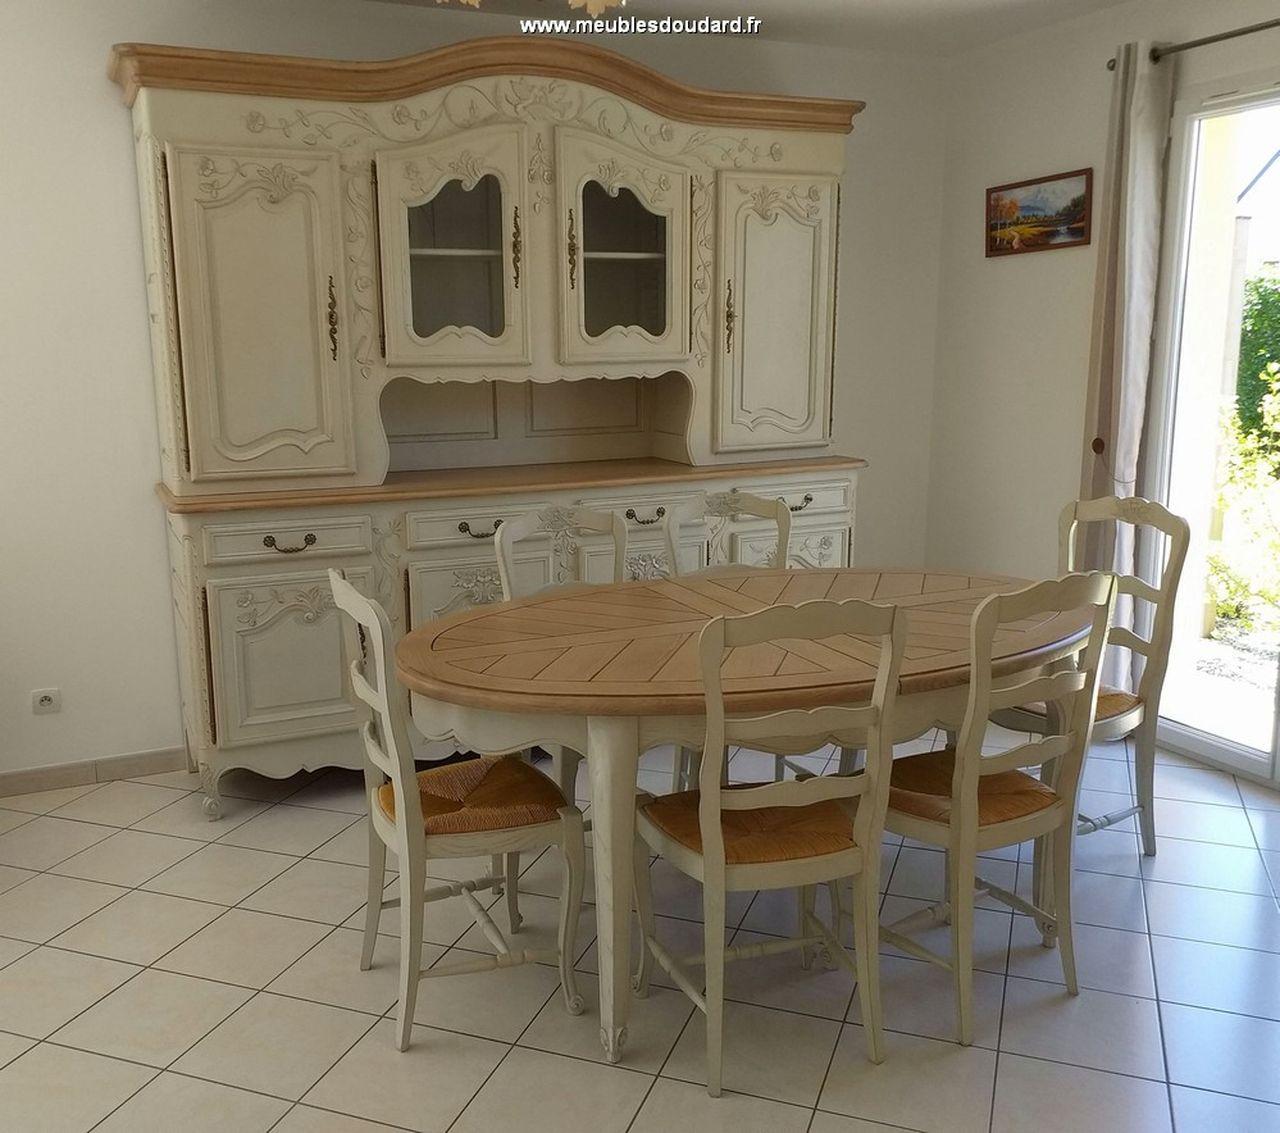 salle a manger normandie en chene massif ref rouen